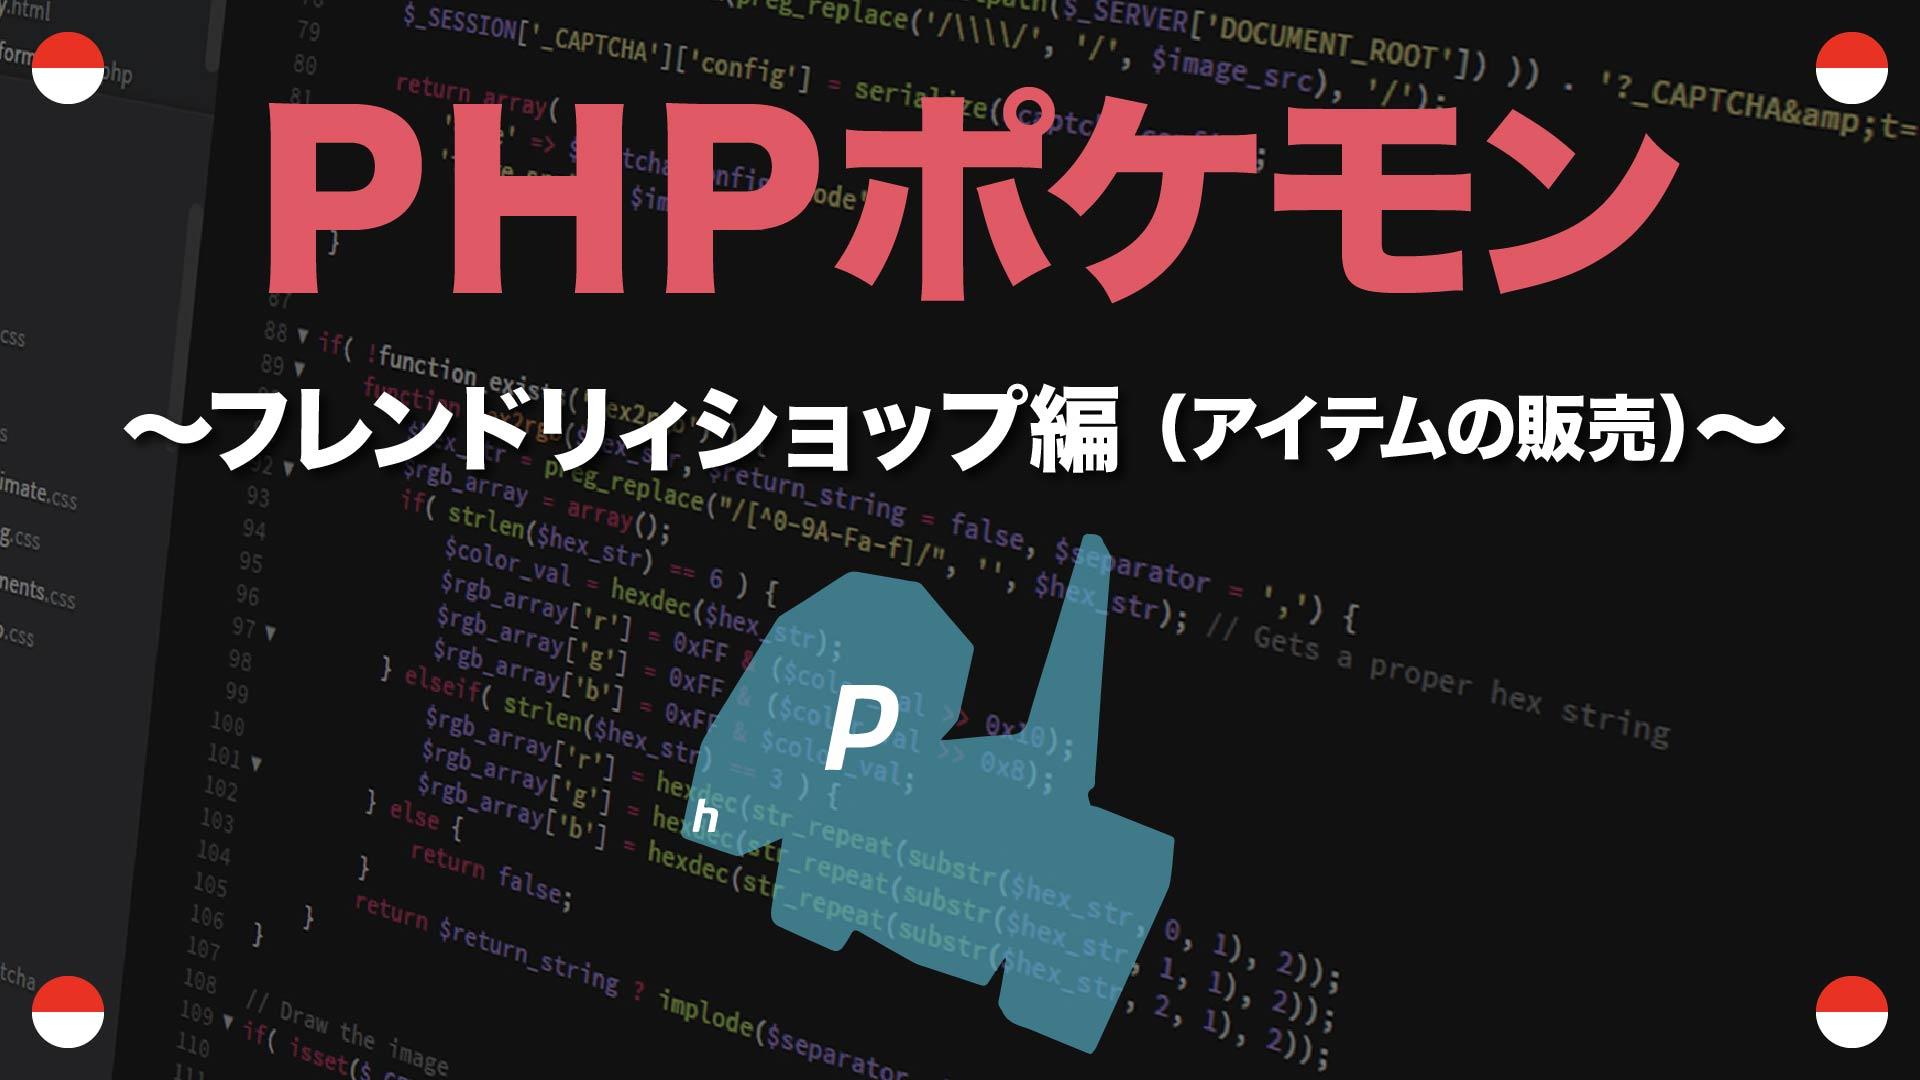 フレンドリィショップ編 アイテムの販売 PHPポケモン 76